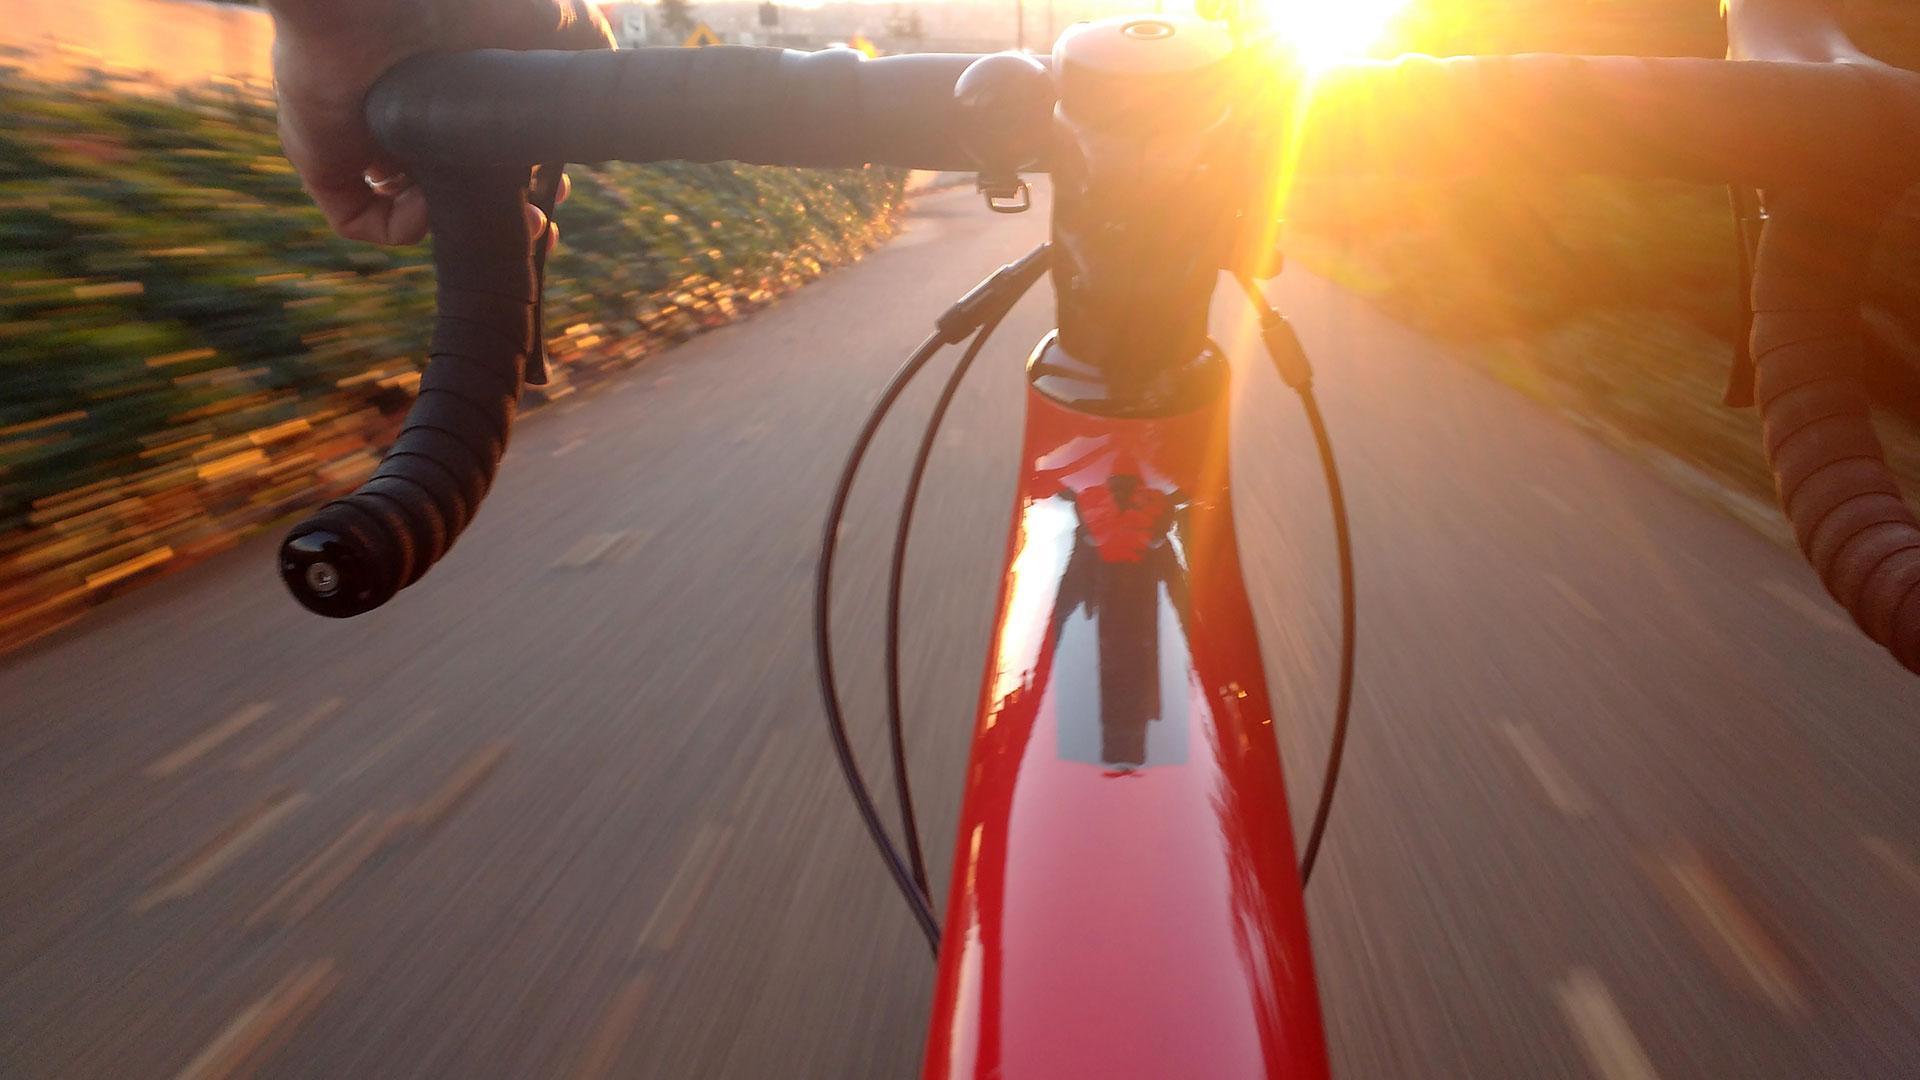 Toertochten in mei: kilometers vreten, fietsfestival of streetrace, het kan allemaal!